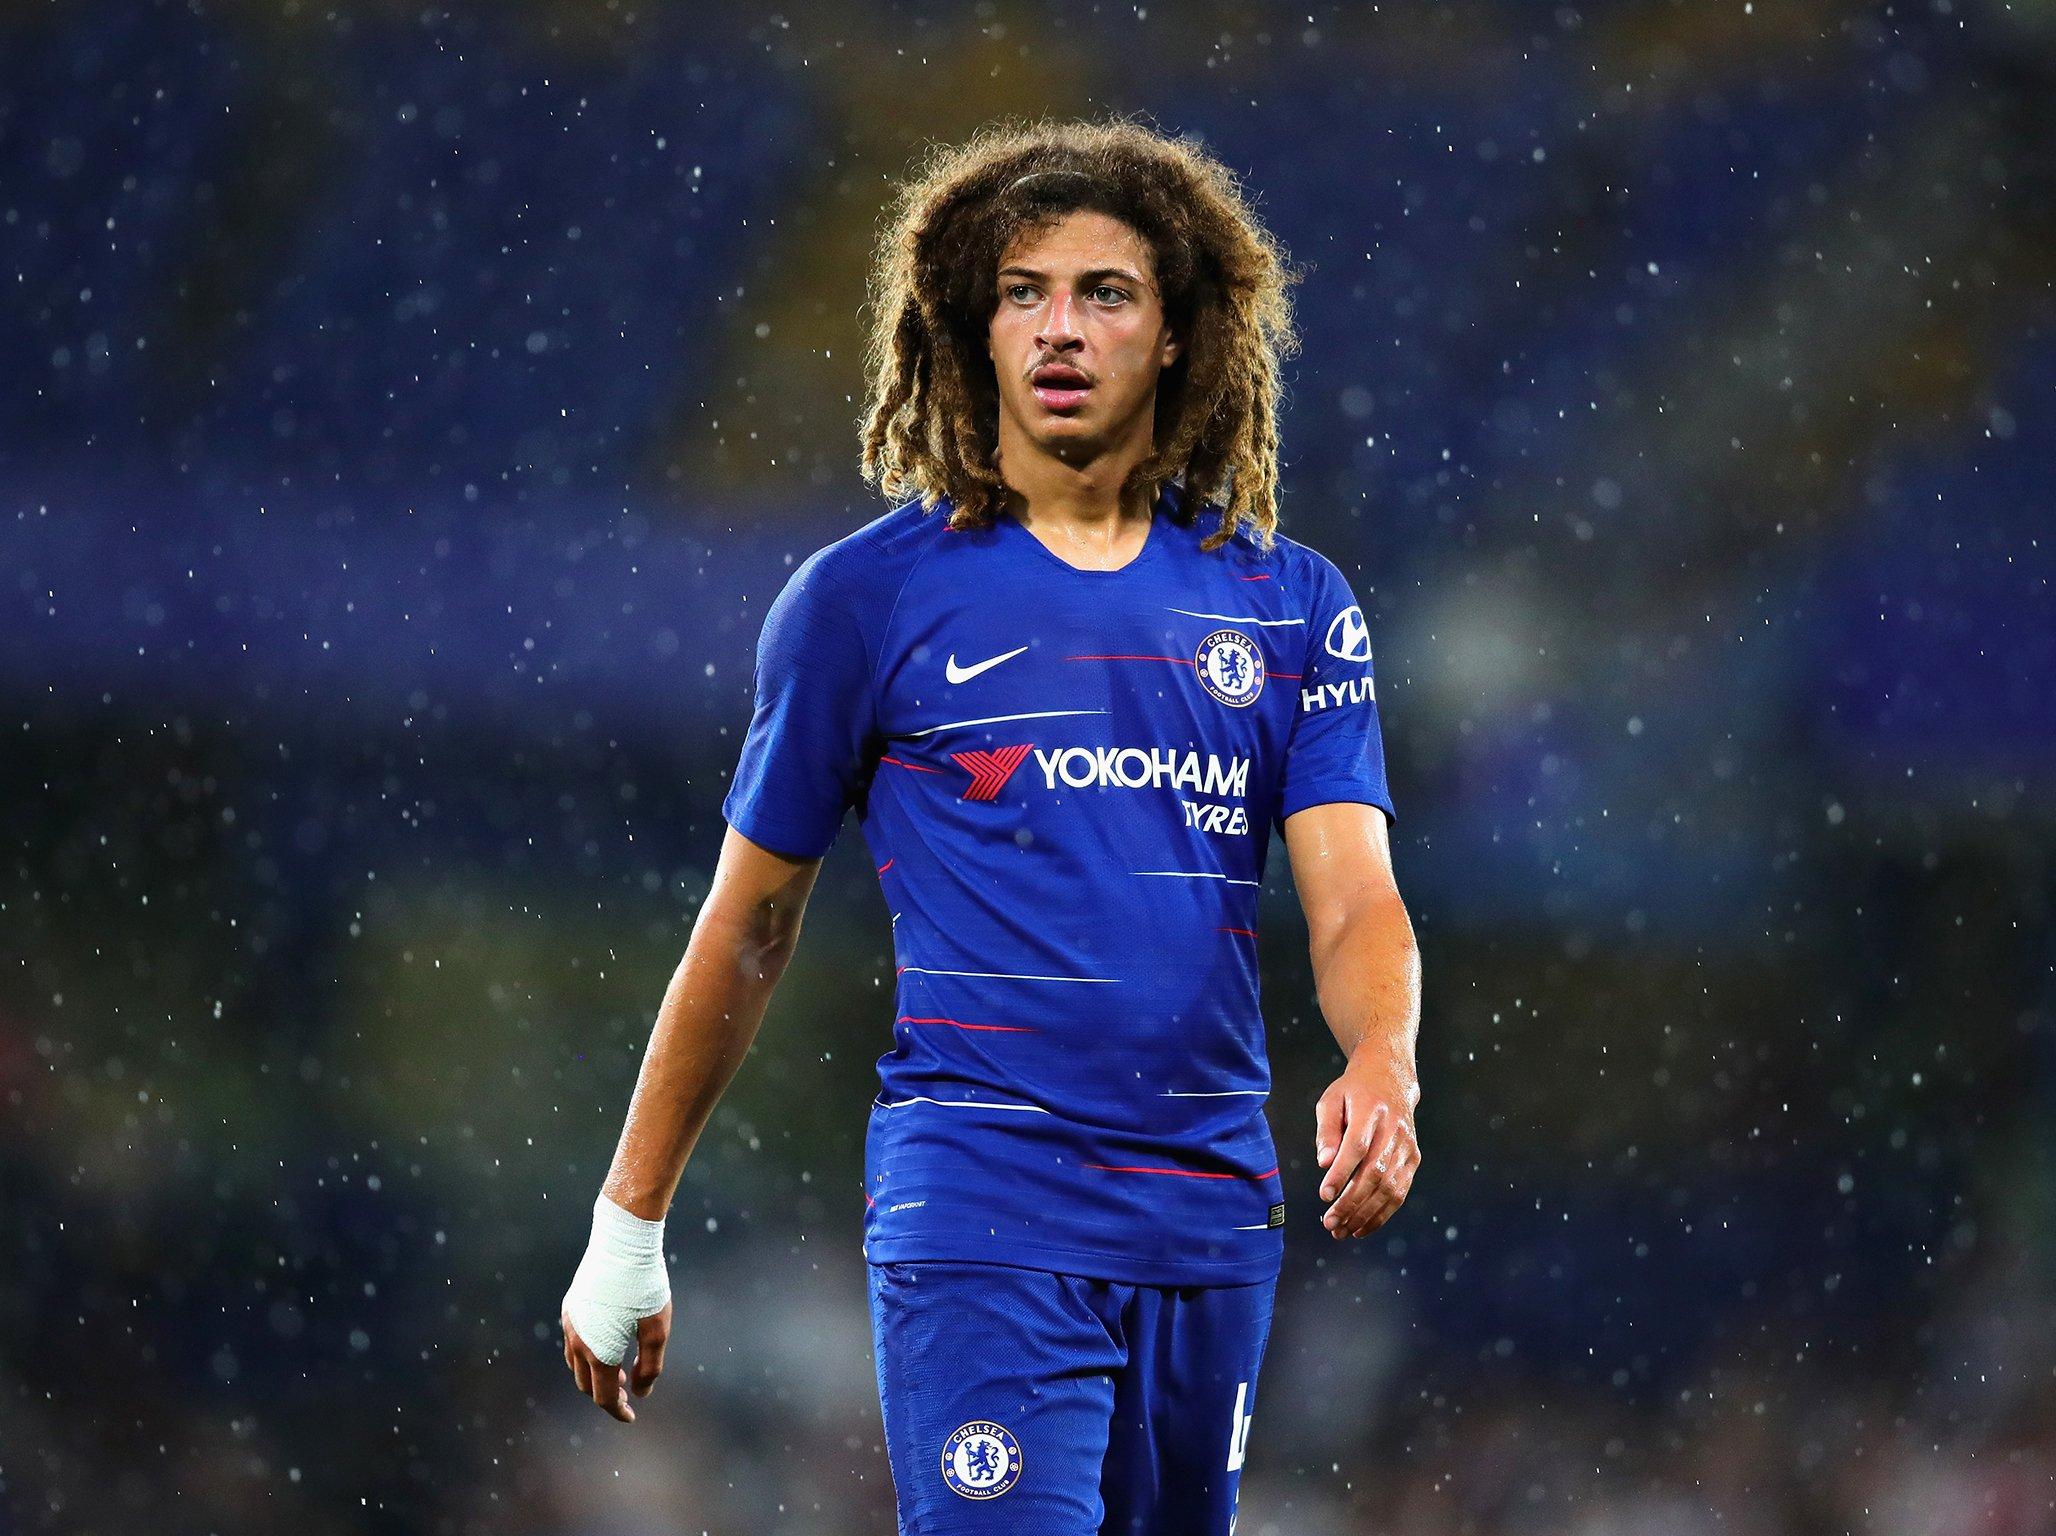 Cũng phản lưới nhà như Phil Jones, nhưng sao Chelsea được khen ngợi hết lời - Bóng Đá